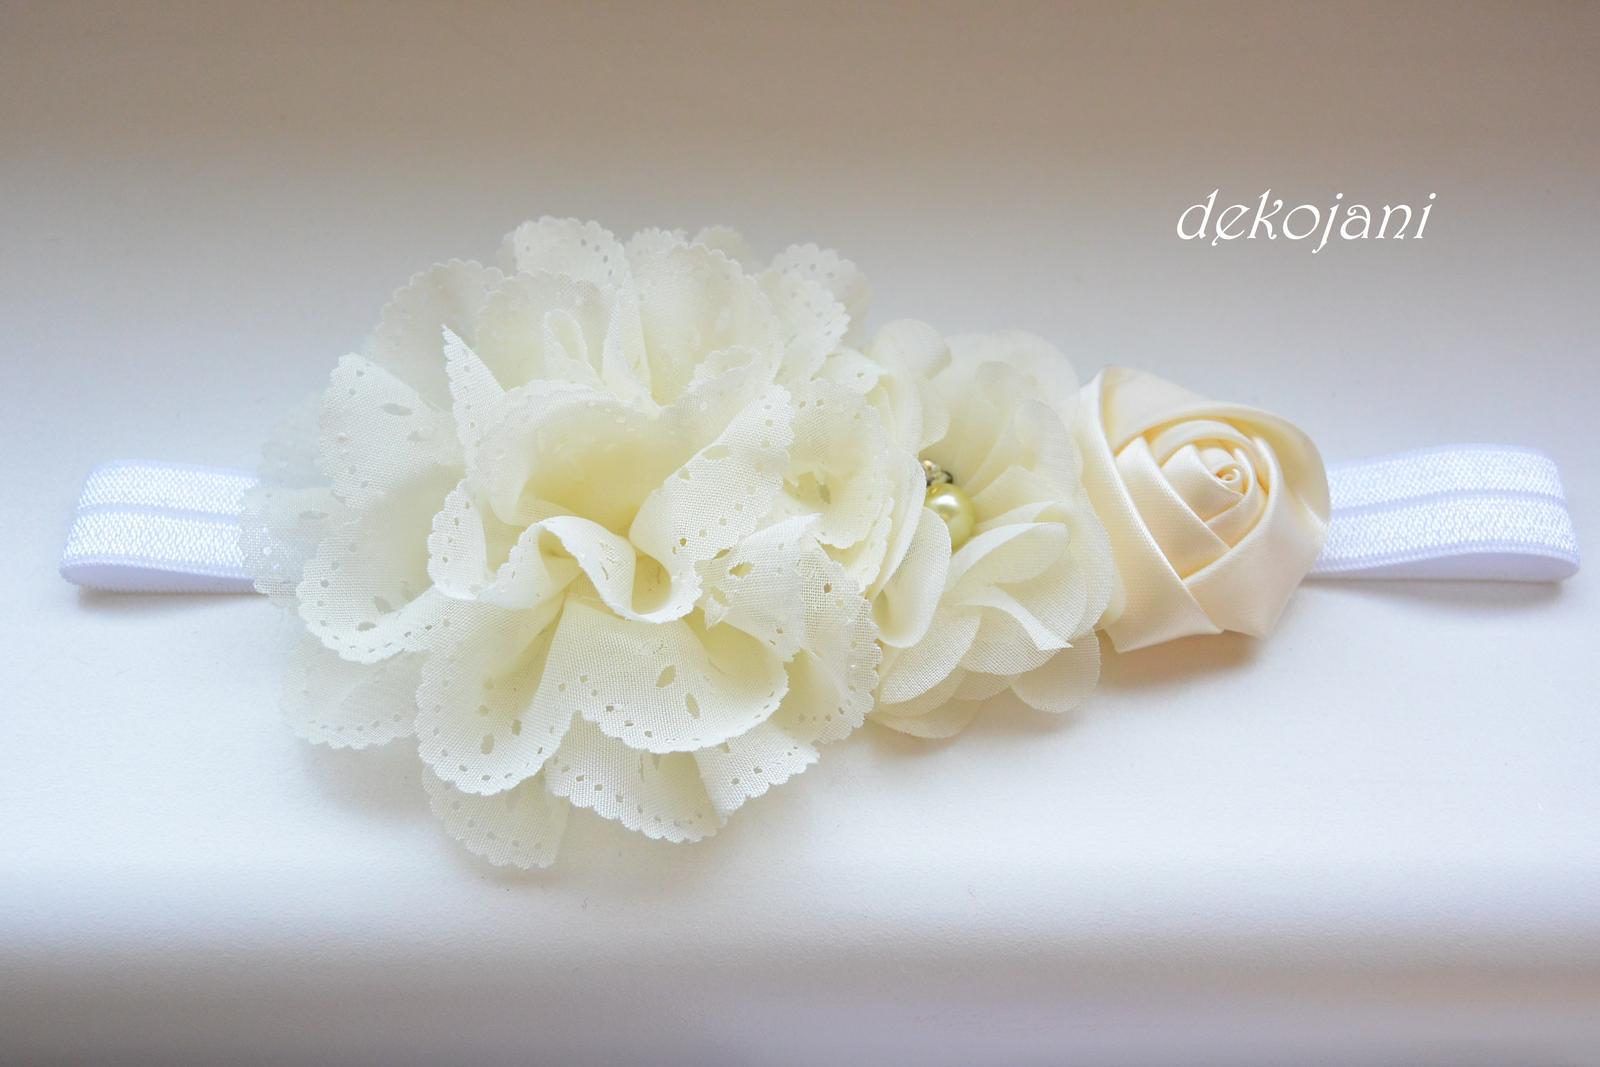 Čelenky, květiny do vlasů, náramky, obojek pro pejska... - Obrázek č. 39